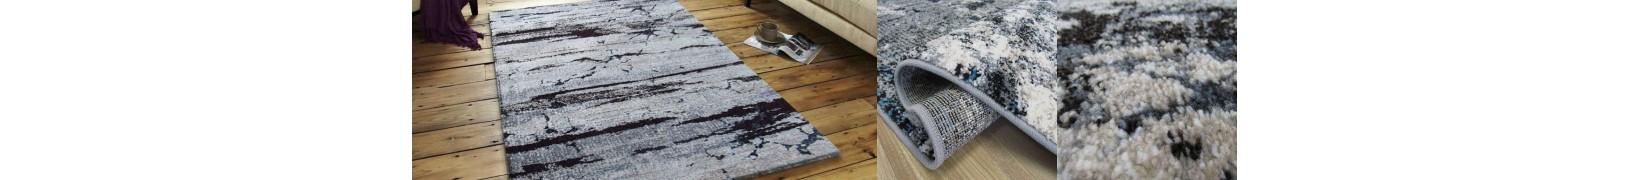 Dywany do salonu i sypialni z gęsto tkanej przędzy. Poznaj MILANO